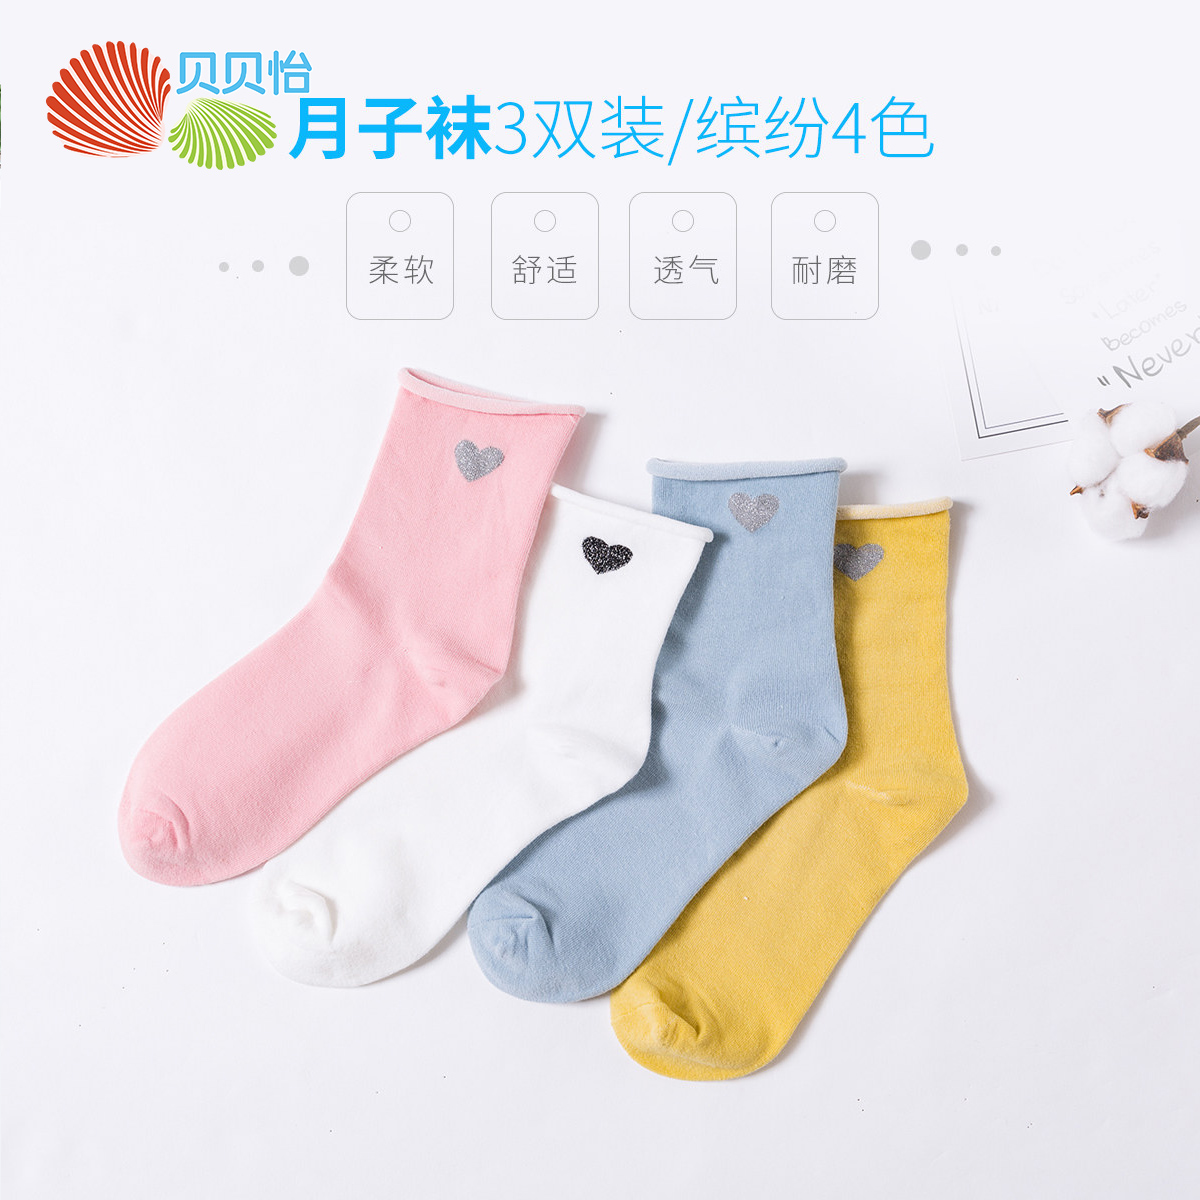 贝贝怡产后月子袜春秋季产妇舒适中筒袜子孕妇棉袜三双装181Y292